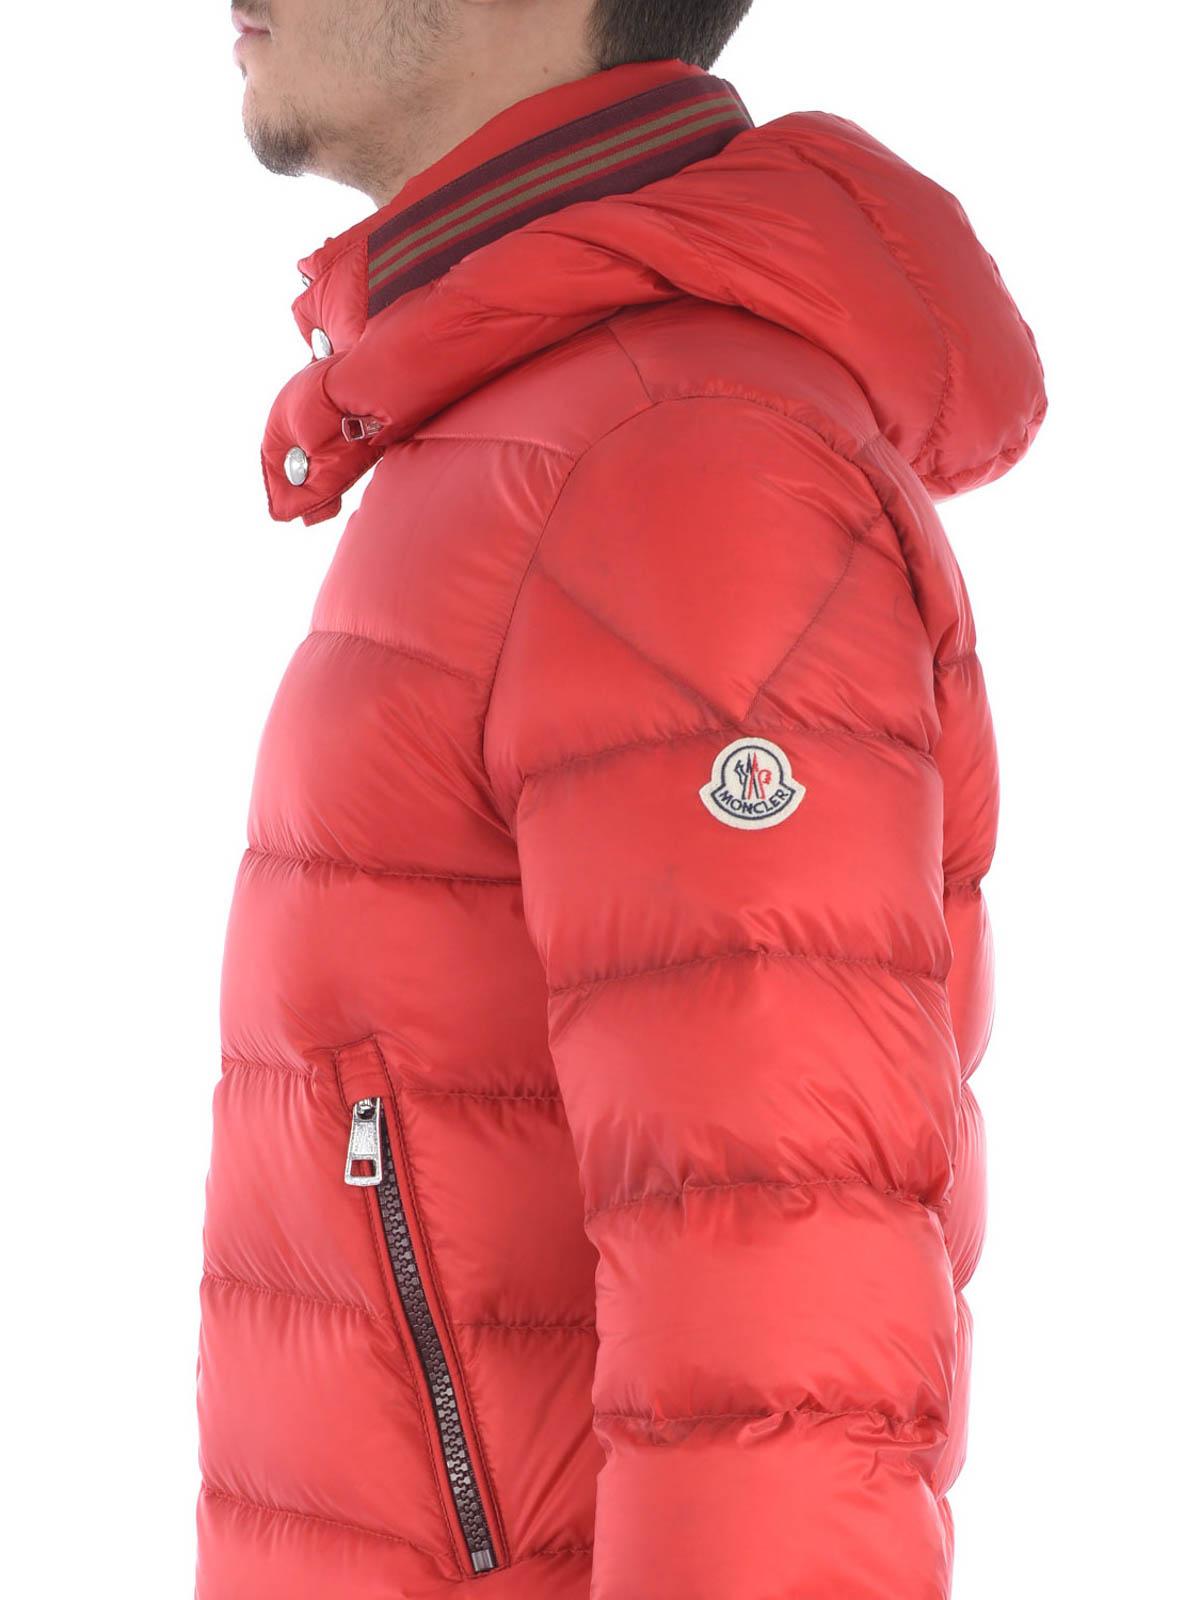 41705e9b2 Moncler - THOULE PADDED JACKET - padded jackets - 4189949 53334 455